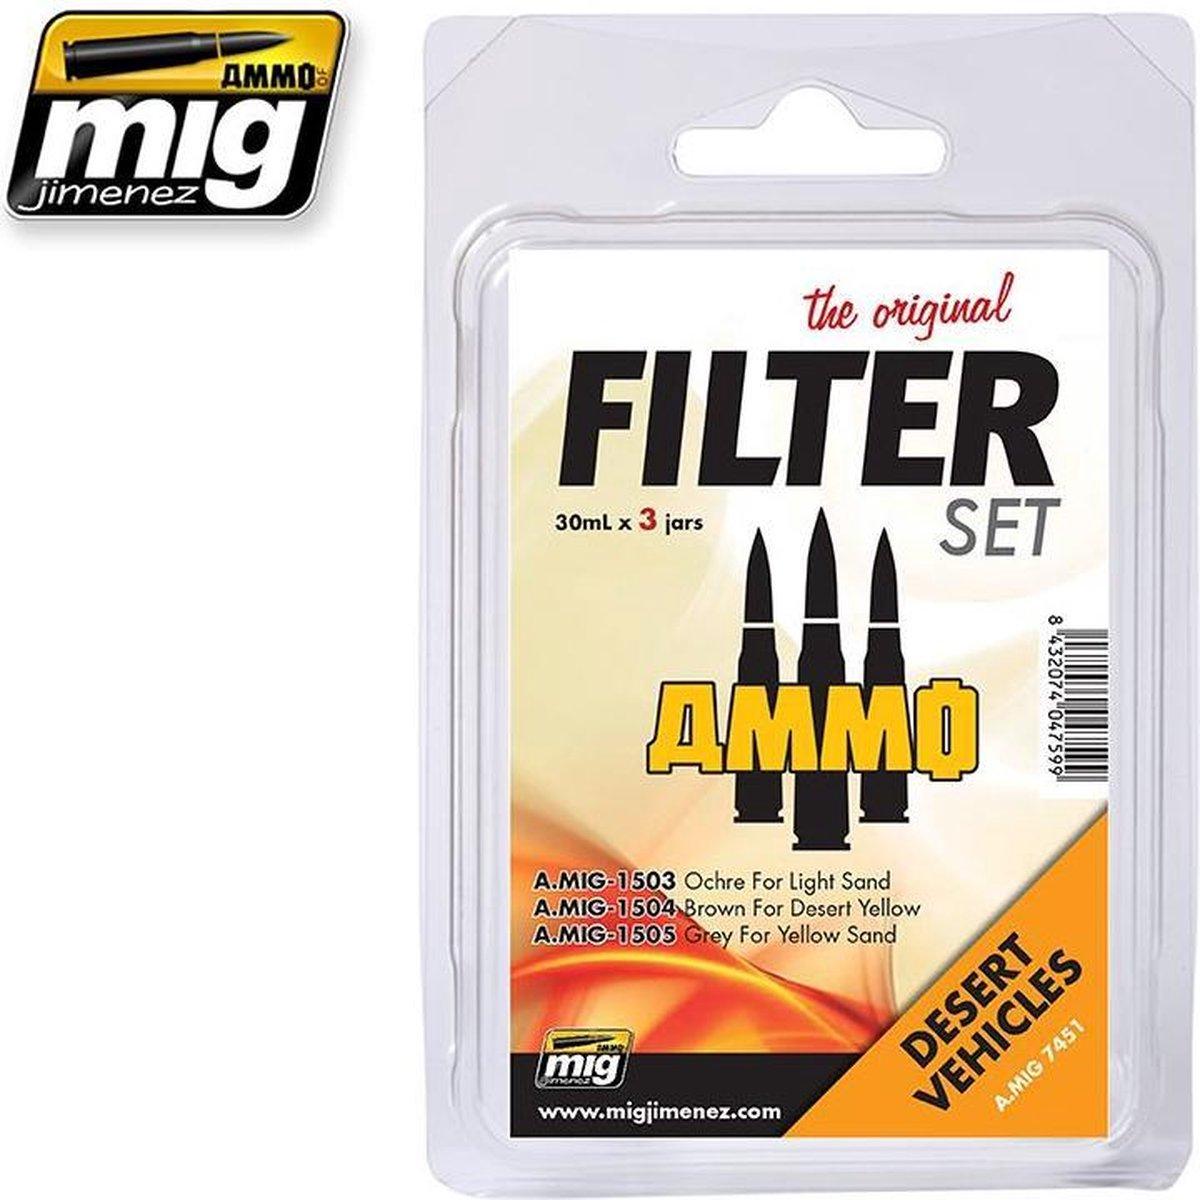 Mig - Filter Set For Desert Vehicles (Mig7451)